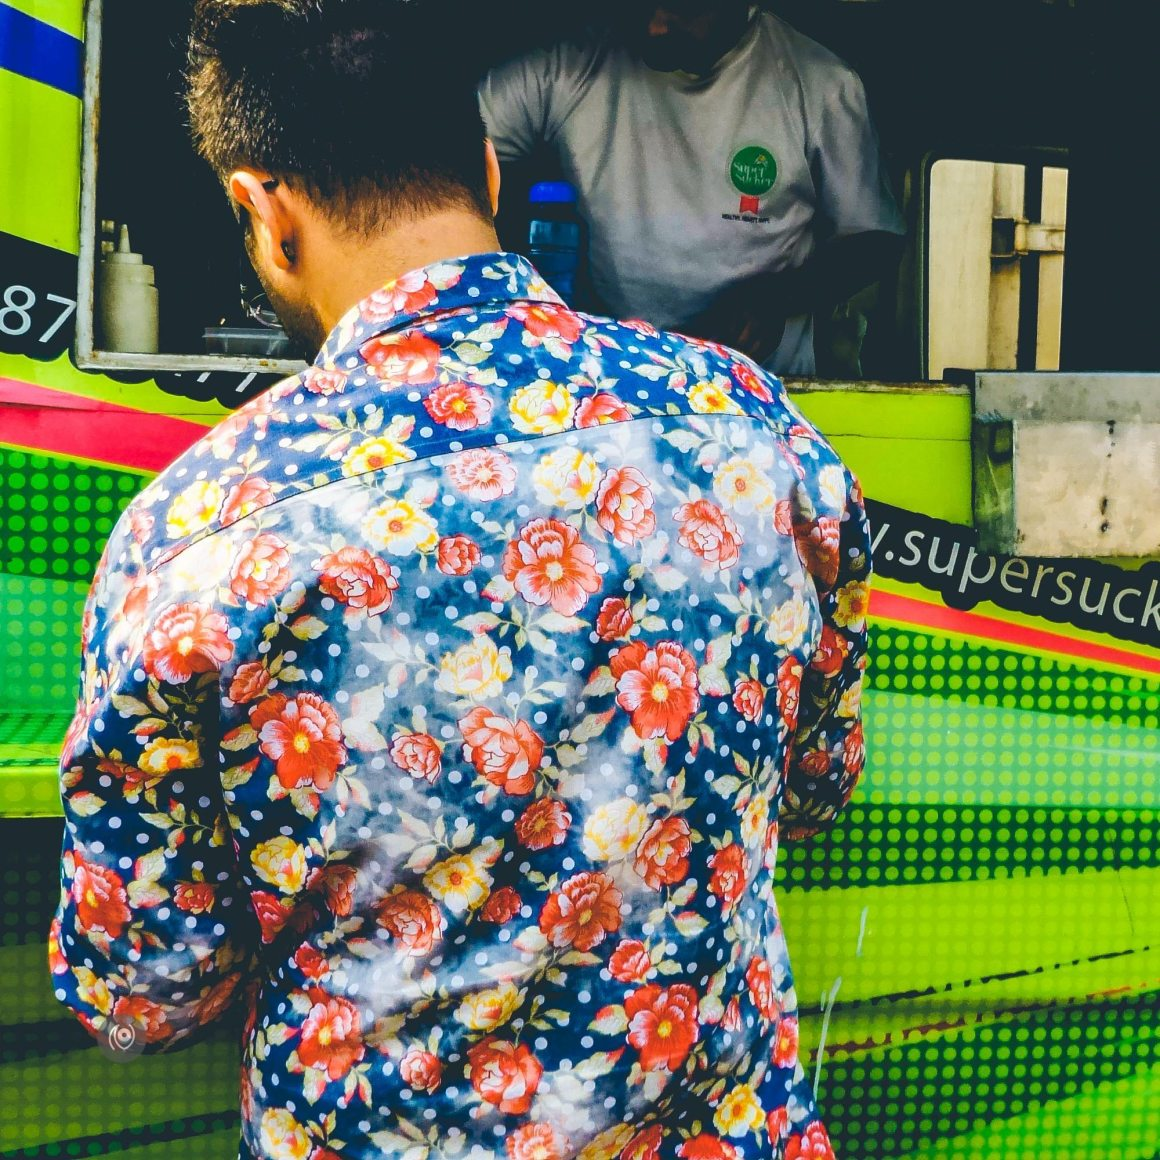 st+art, Street Art Festival, #WIPSHOW, Iternational Container Depot, Tughlakabad, Naina.co, Naina Redhu, Luxury Photographer, Lifestyle Photographer, Luxury Blogger, Lifestyle Blogger, Experience Collector